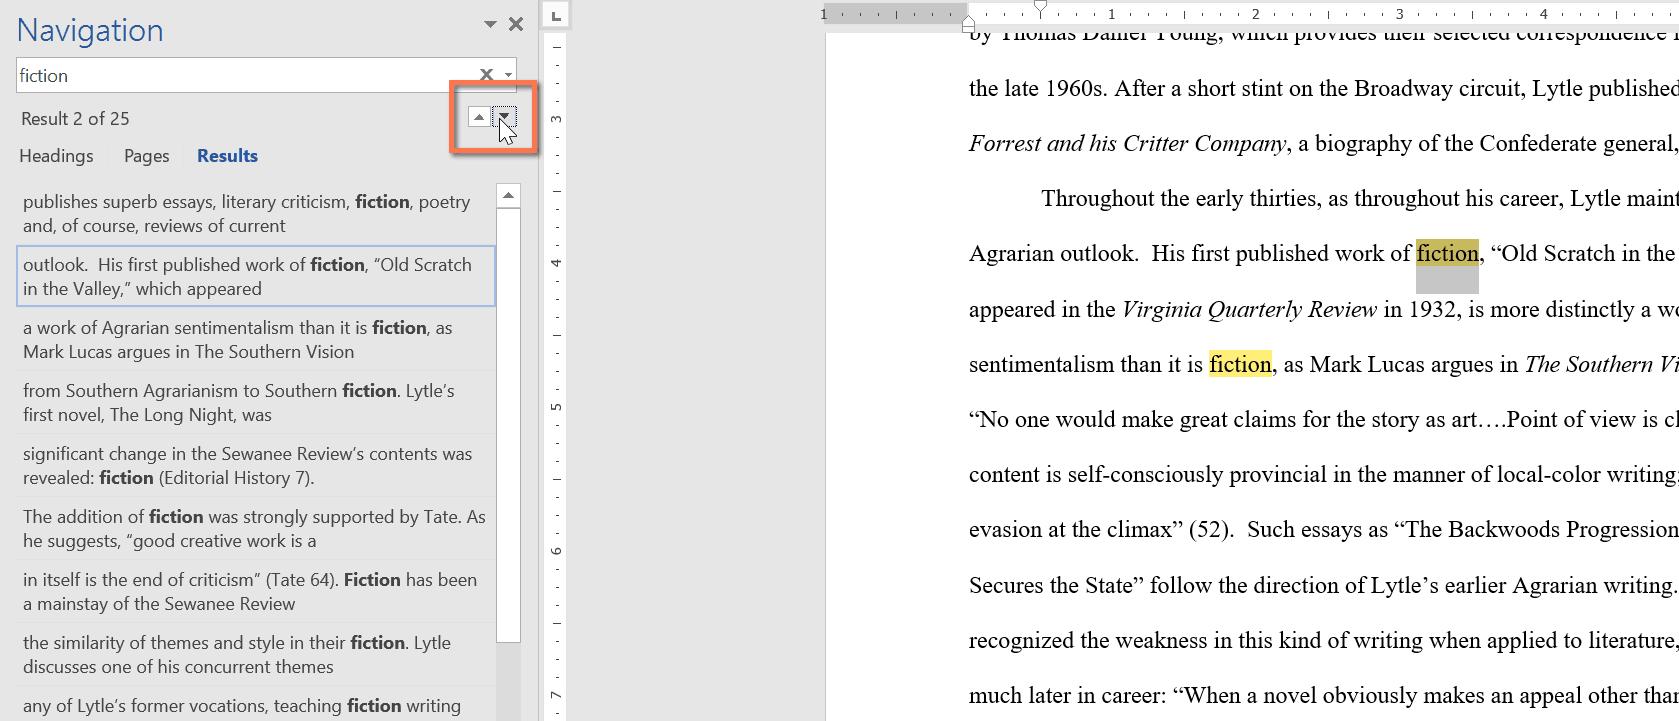 sử dụng lệnh Find và Replace trong Word kết quả tìm kiếm trả về